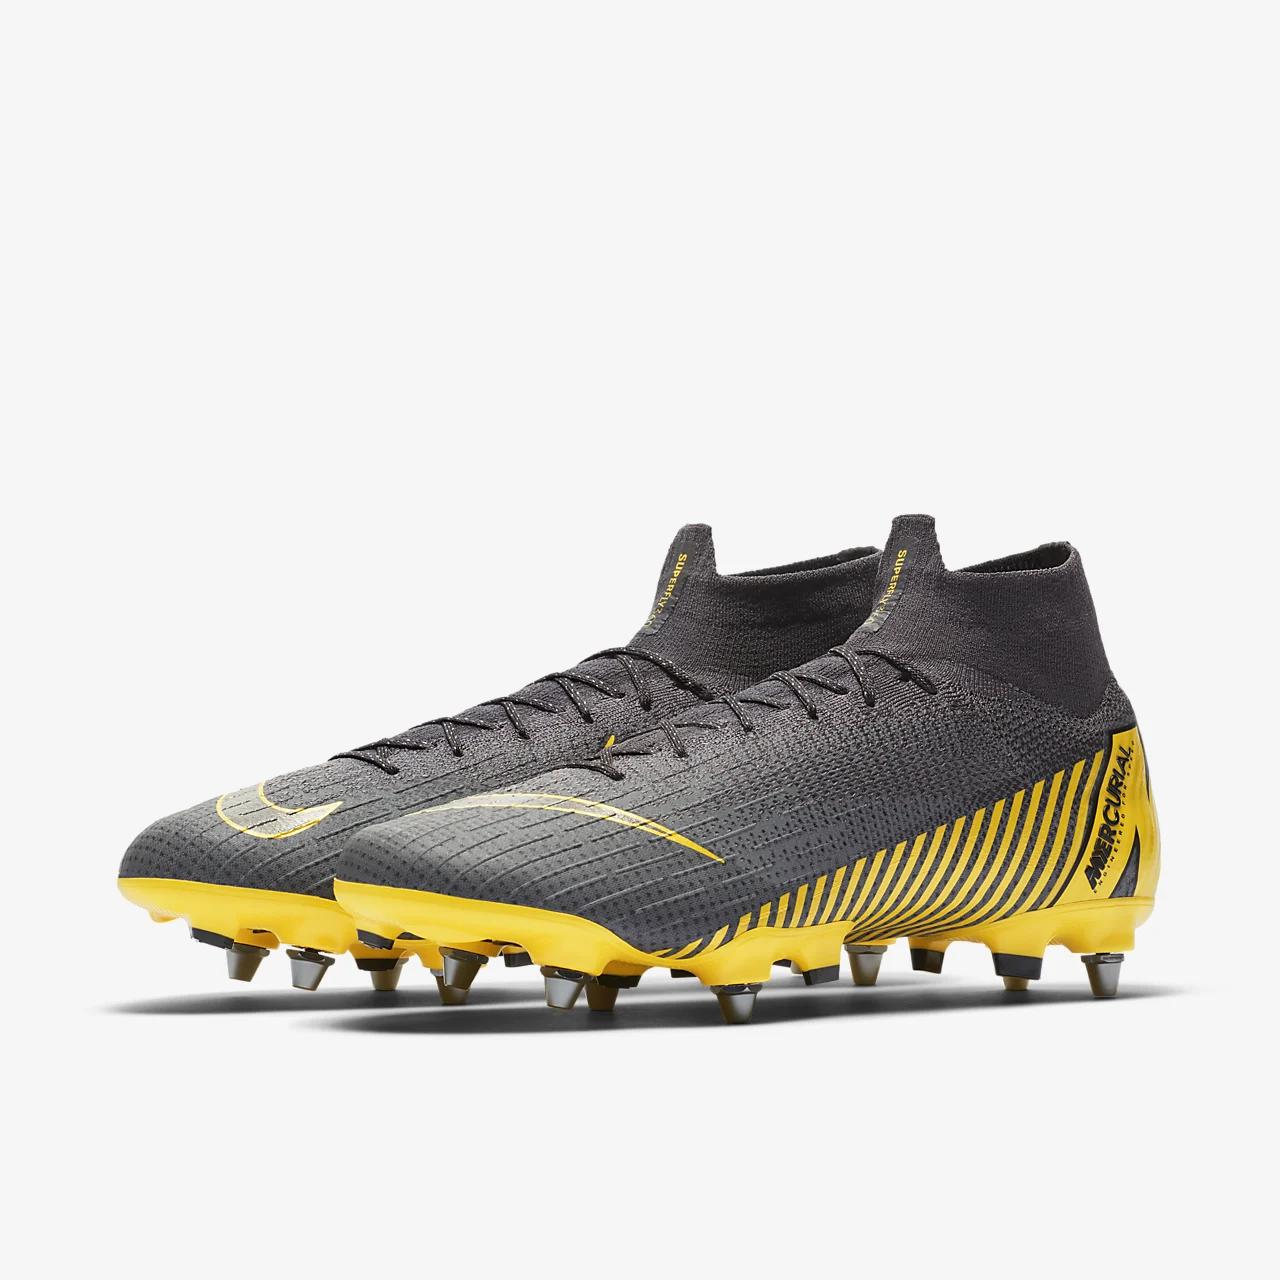 유럽직배송 나이키 NIKE Nike Mercurial Superfly 6 Elite SG-Pro Anti-Clog Traction Soft-Ground Pro Football Boot AH7421-071